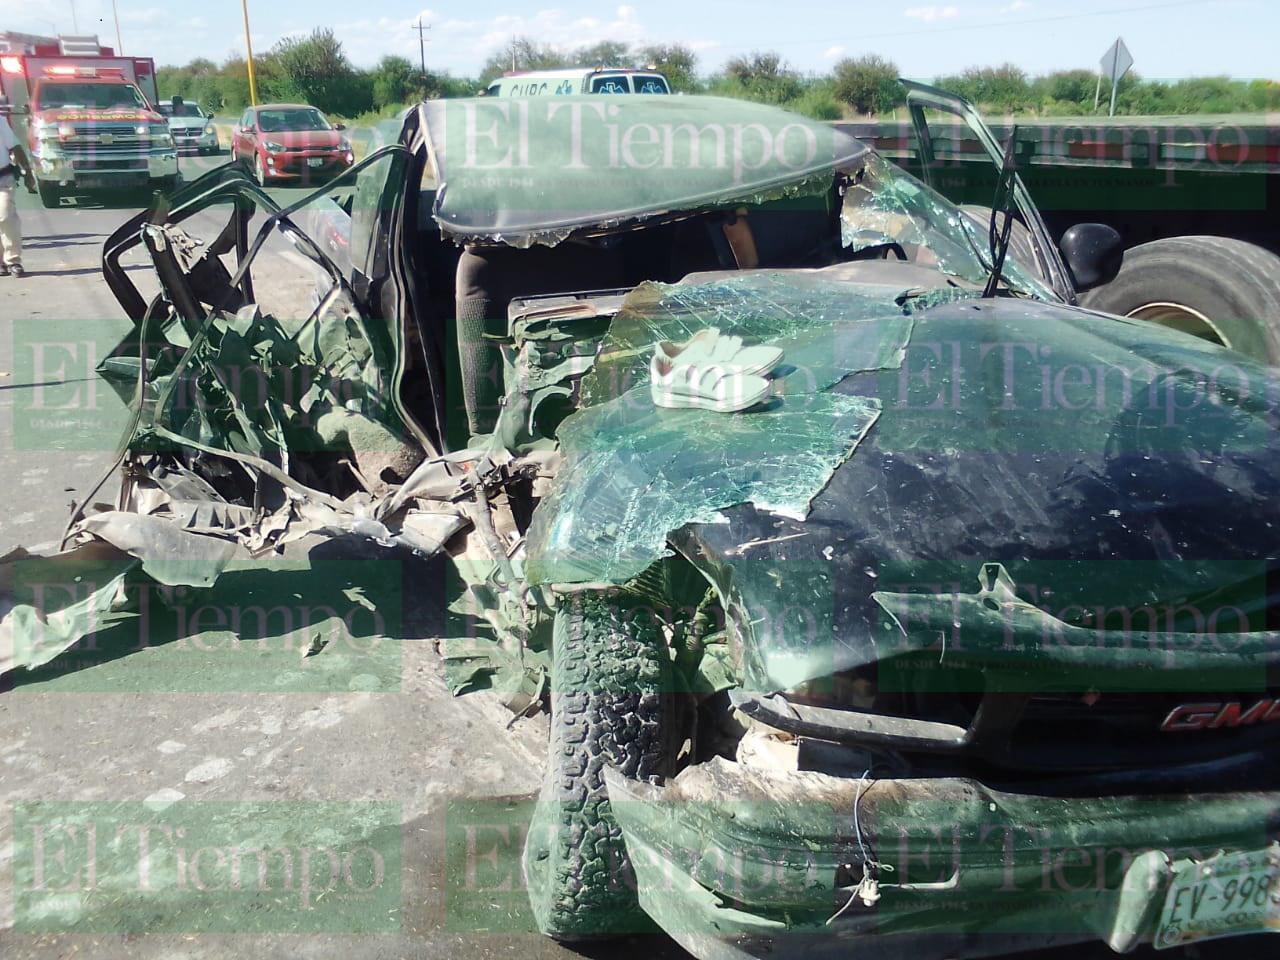 Mujer embarazada sufre aparatoso accidente automovilístico en Ejido 8 de enero